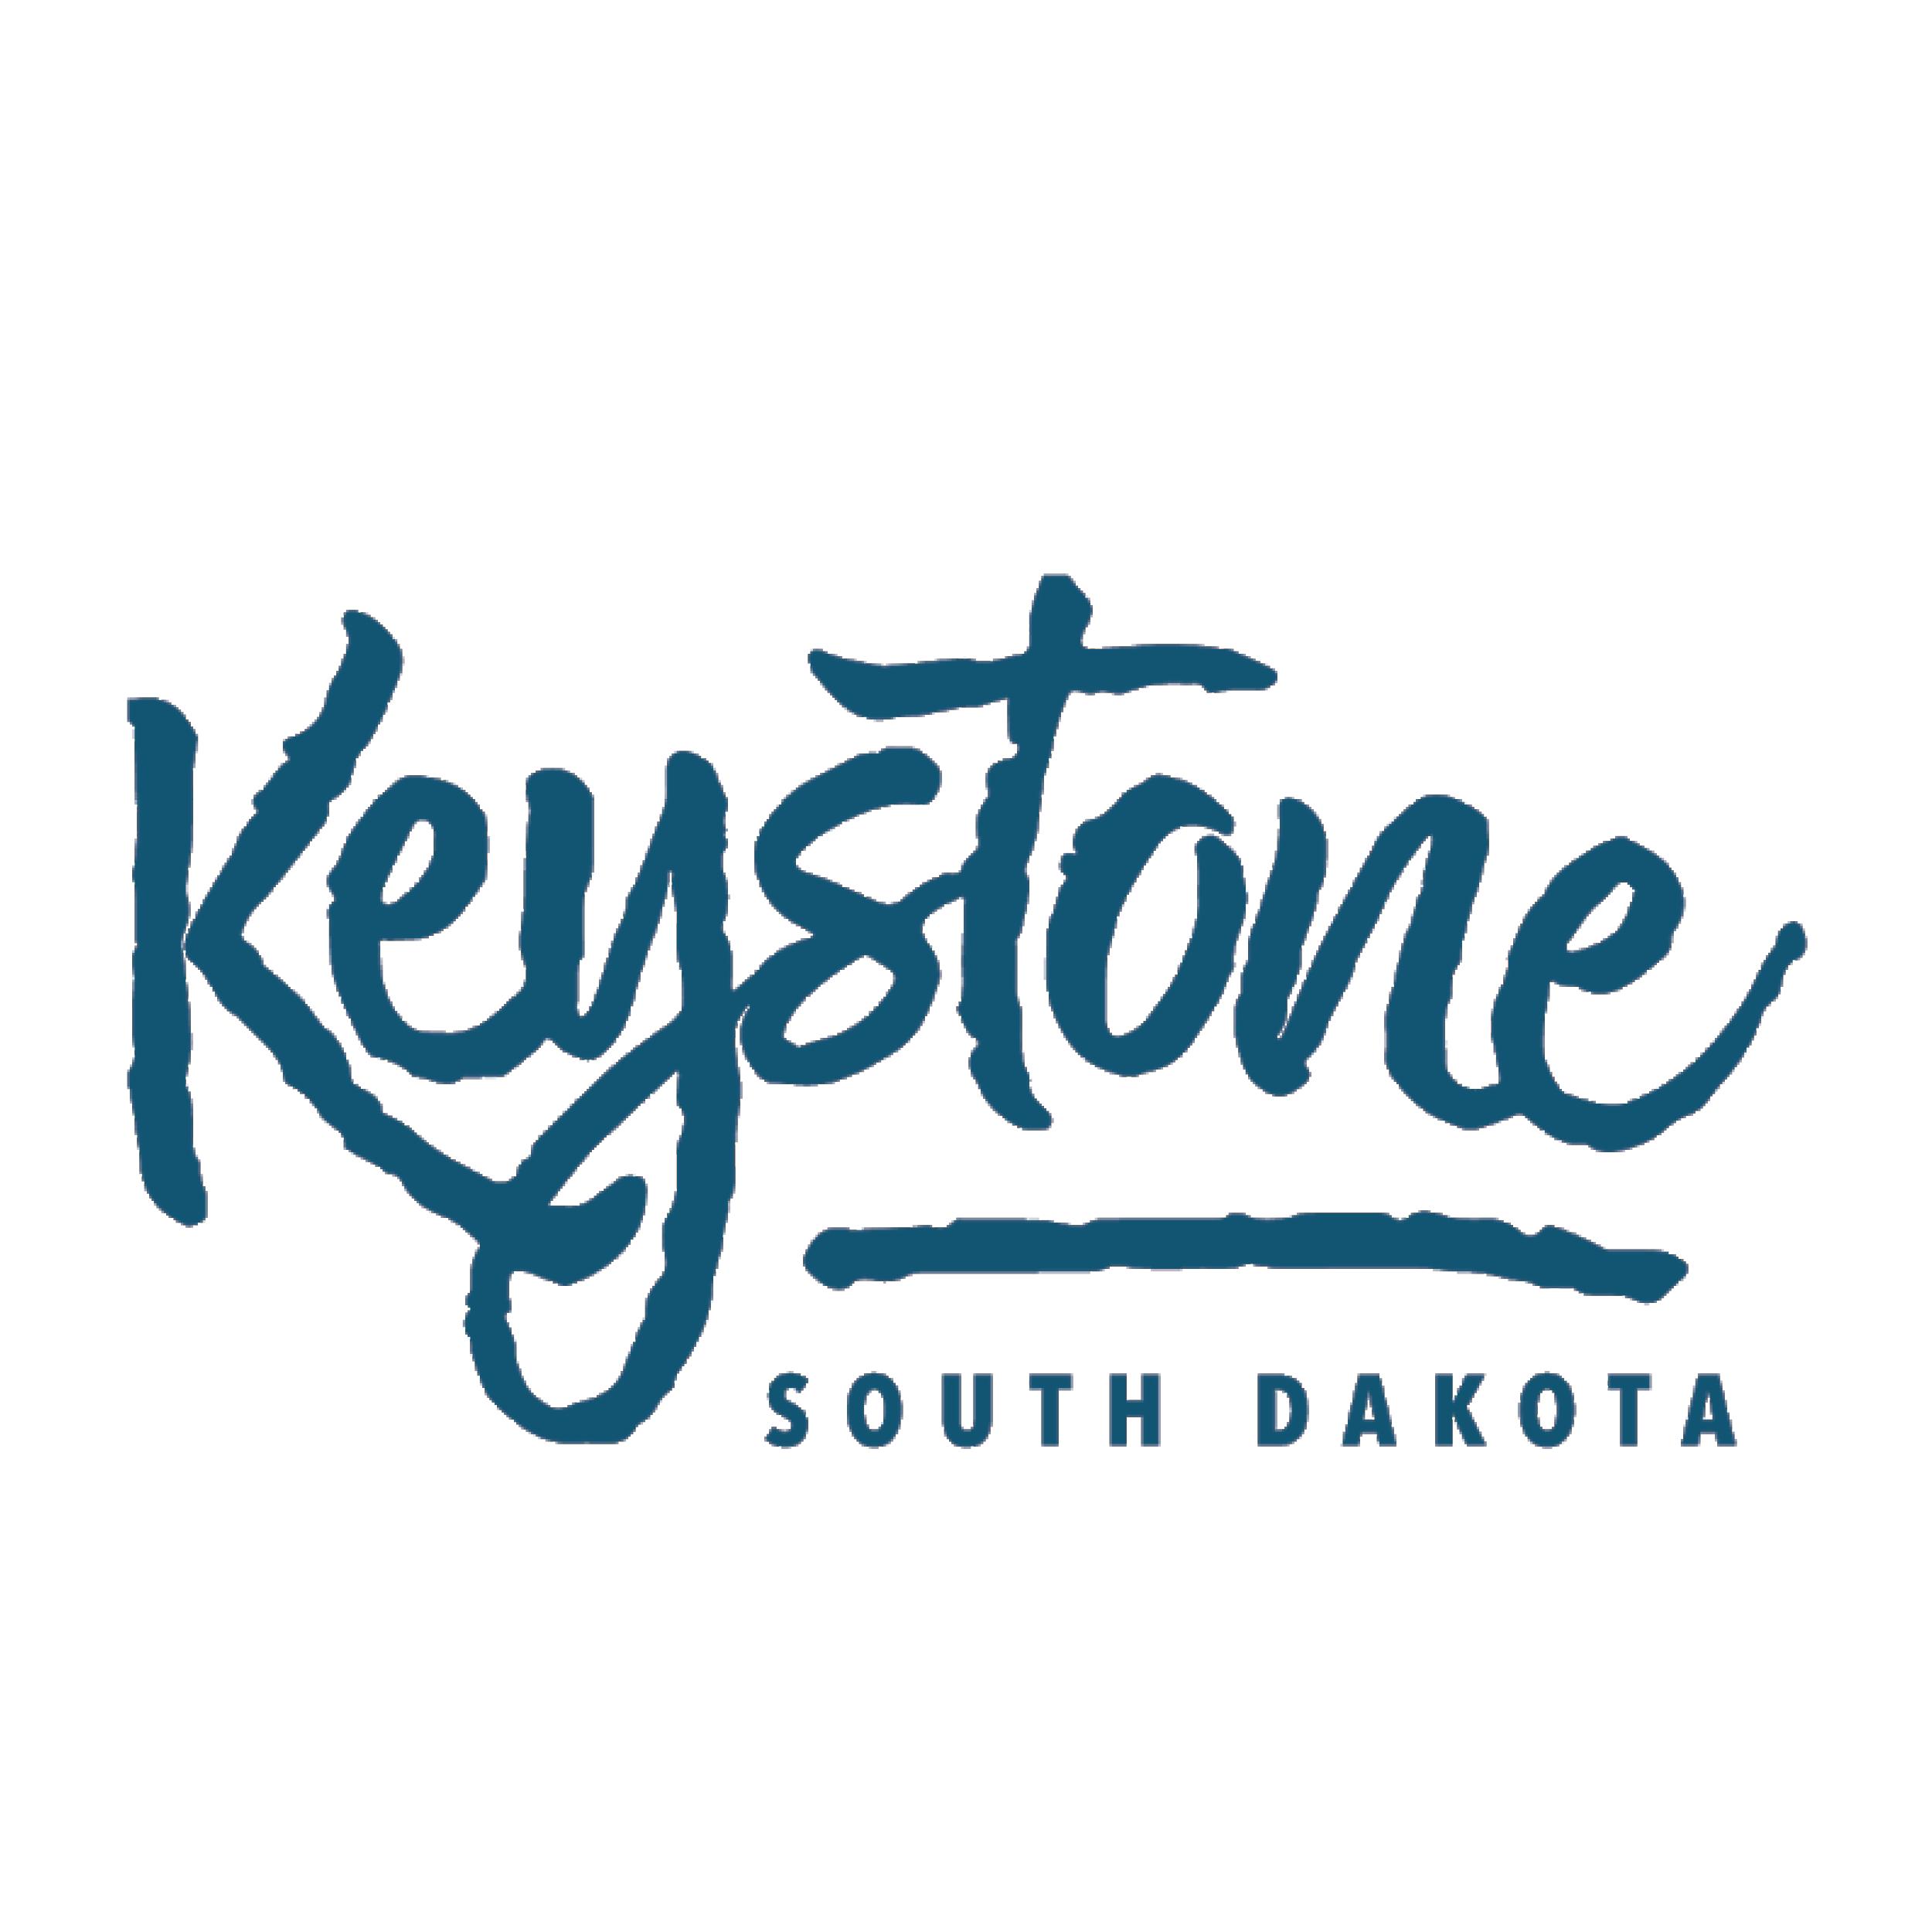 Keystone, South Dakota Logo